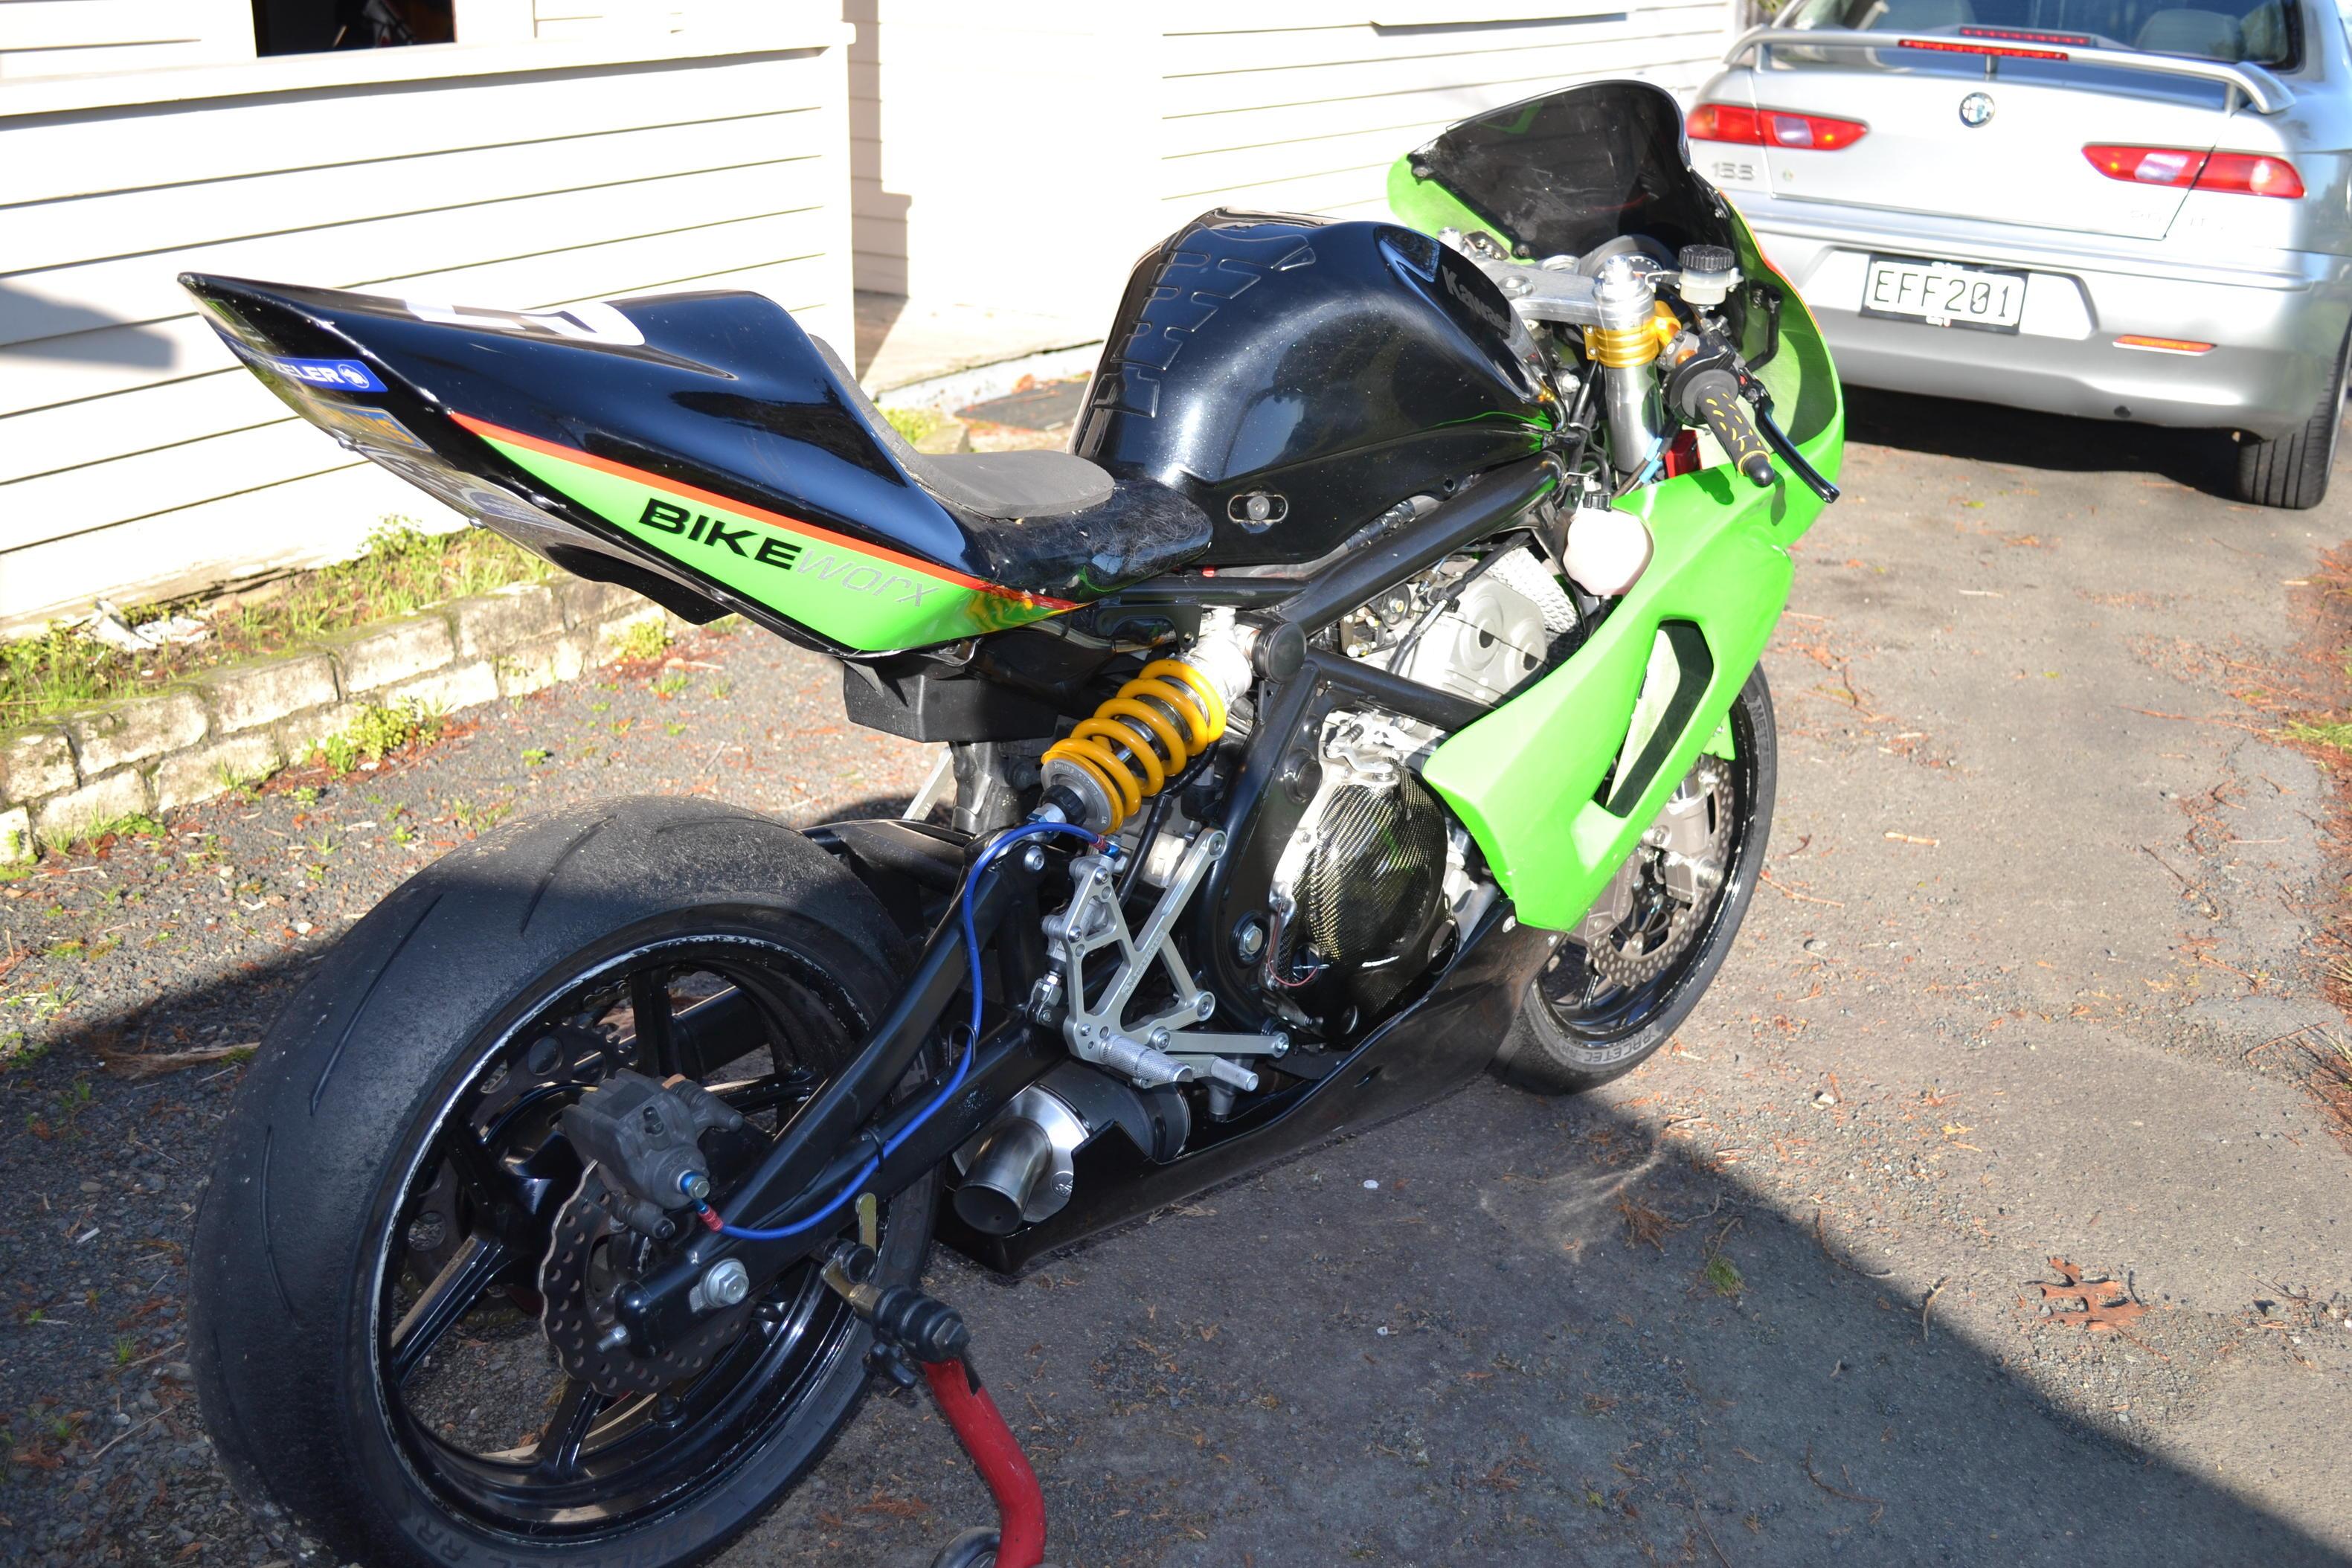 Kawasaki Er6 Superlightf3 Race Bike